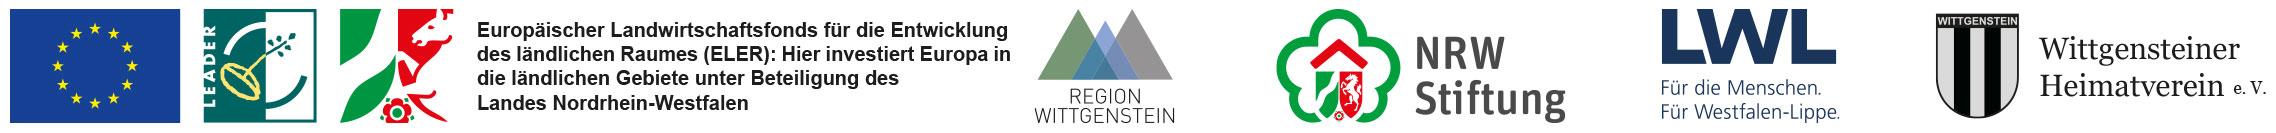 Europäischer Landwirtschaftsfonds für die Entwicklung des ländlichen Raumes (ELER): Hier investiert Europa in die ländlichen Gebiete unter Beteiligung des Landes Nordrhein-Westfalen Region Wittgenstein NRW Stiftung LWL Wittgensteiner Heimatverein